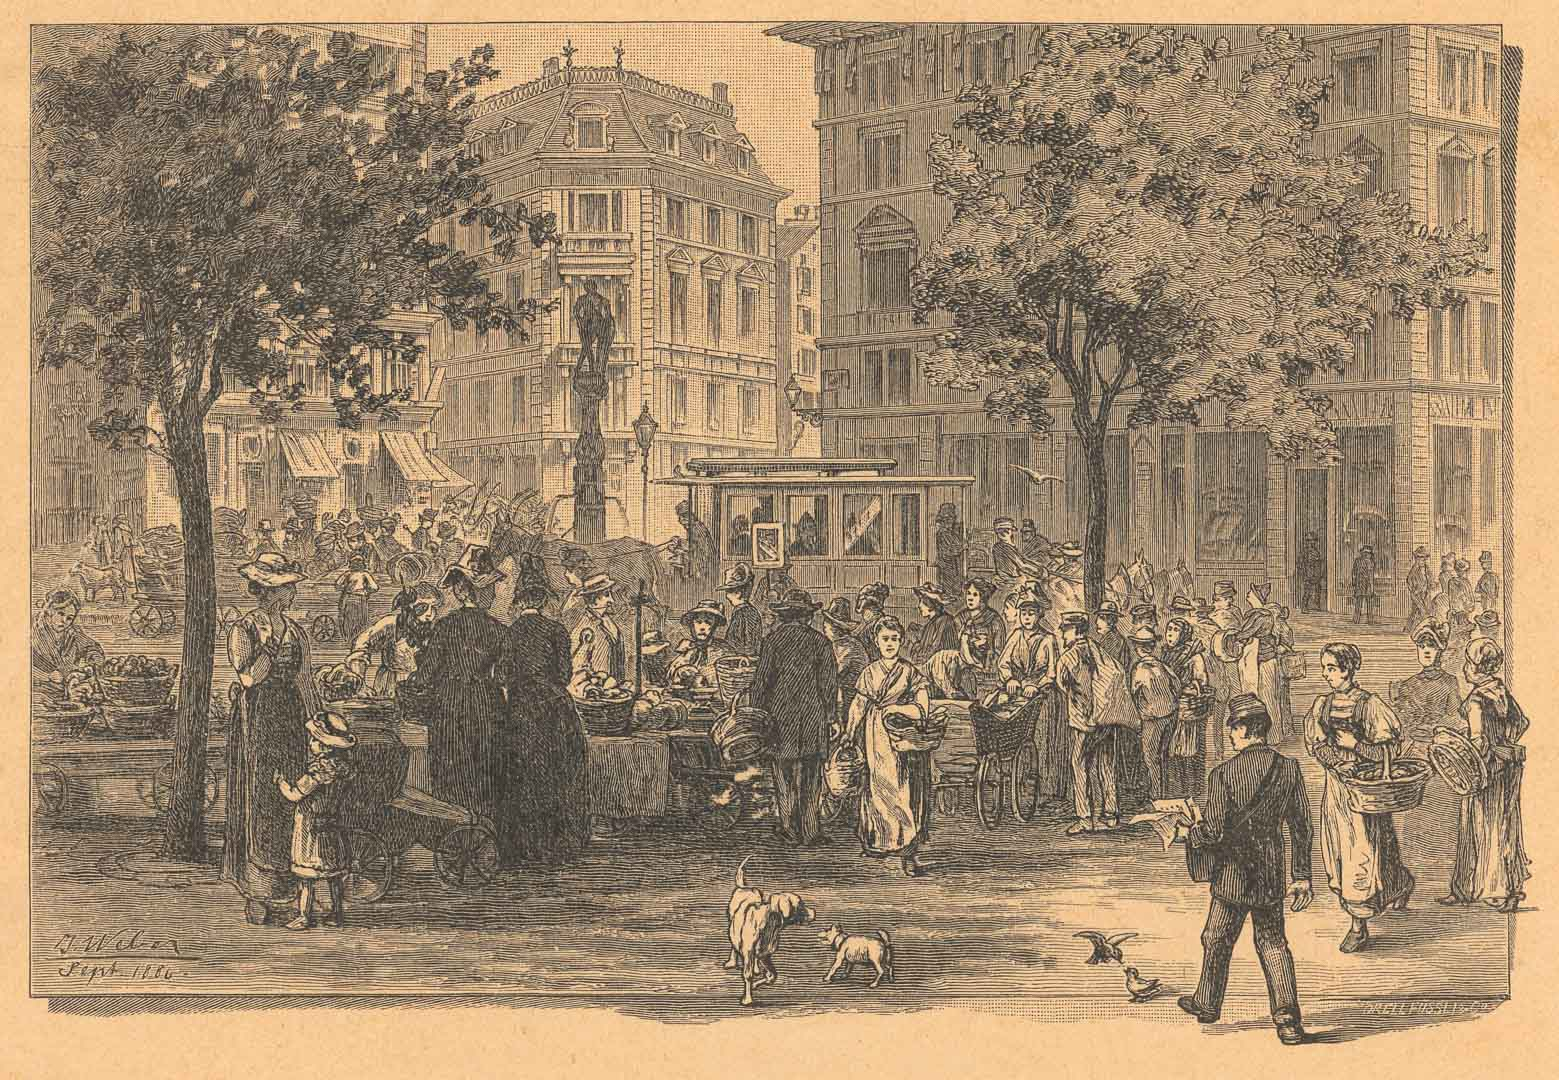 Die Zürcher Bahnhofstrasse mit dem Freitagsmarkt. Ein Bild von Johannes Weber (1846–1912), abgedruckt in den «Europäischen Wanderbildern»